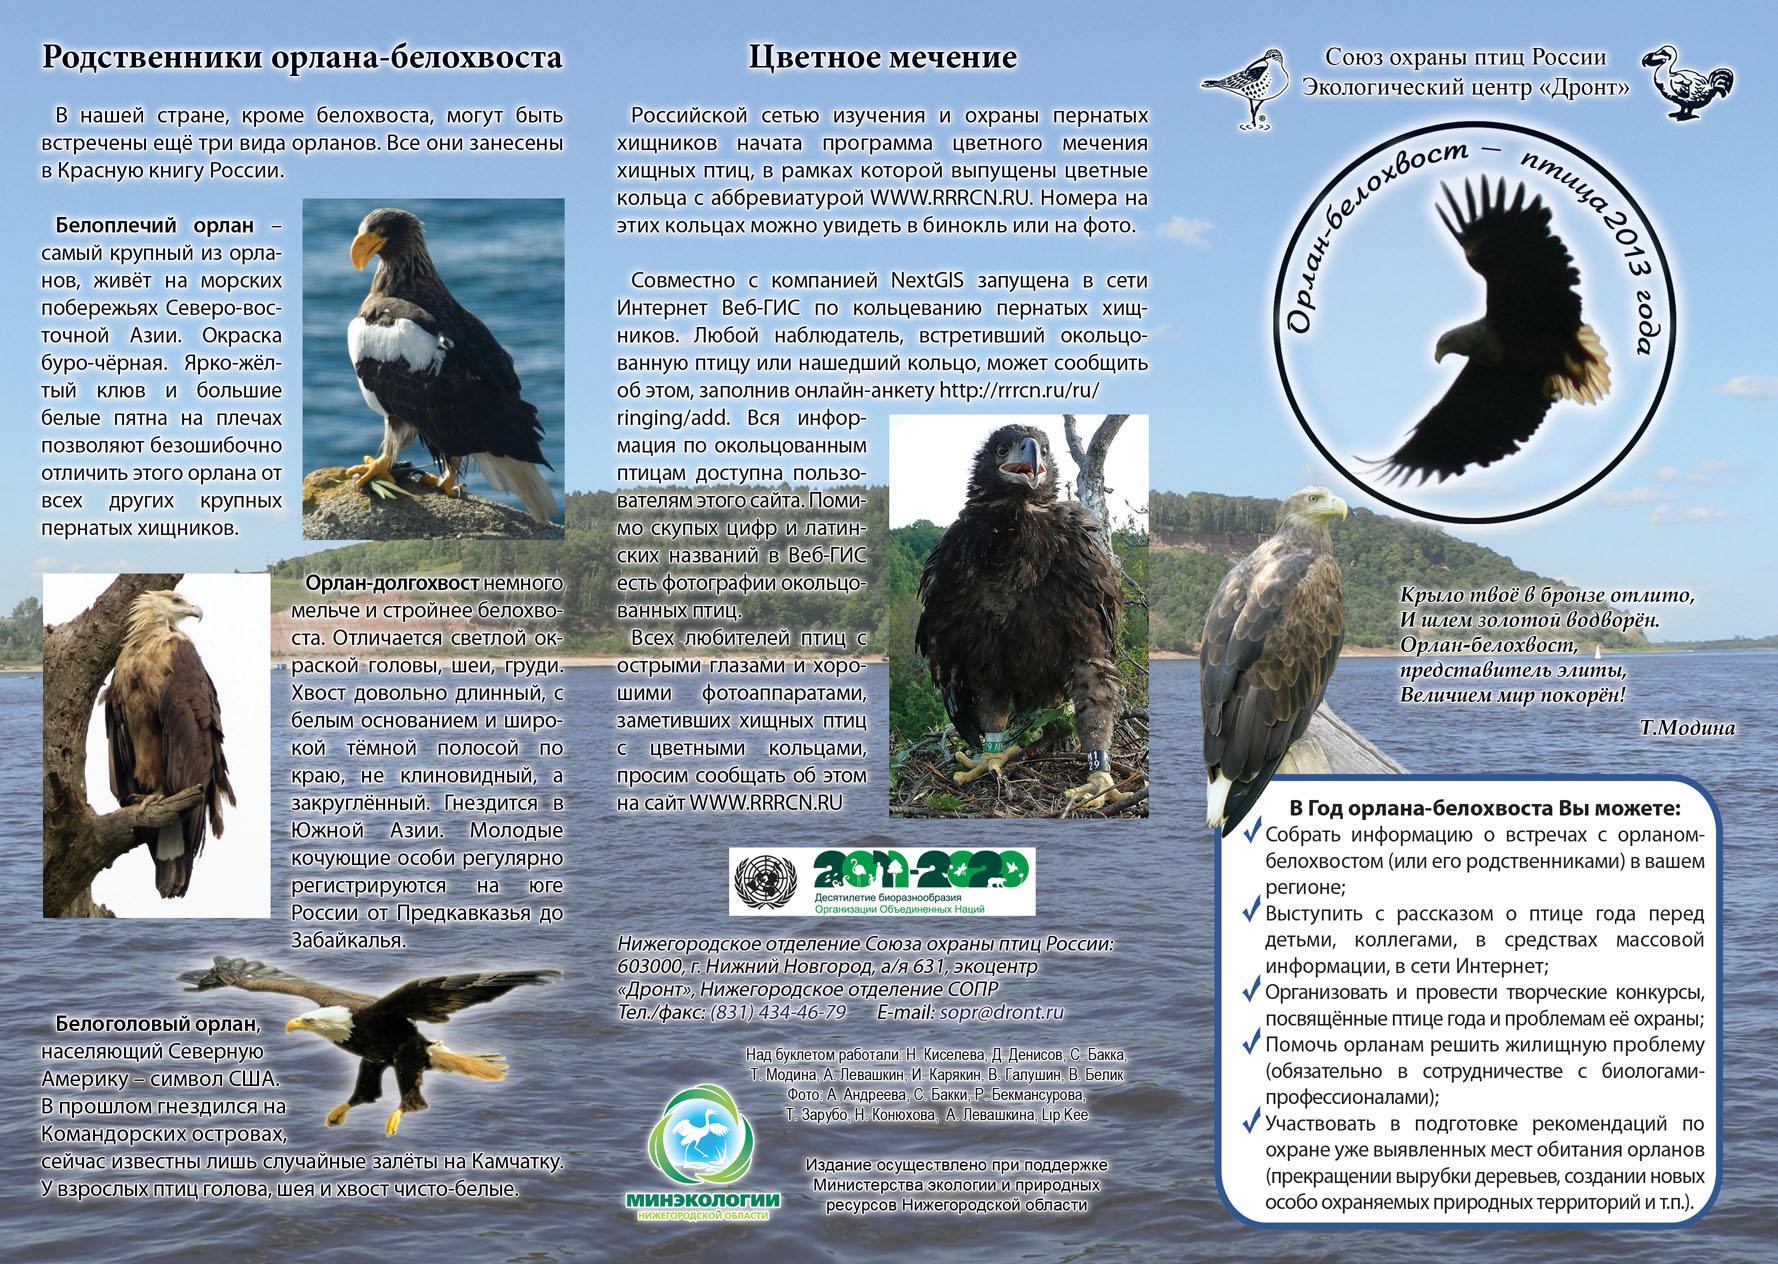 Буклет: орлан-белохвост - птица 2013 года. С.1